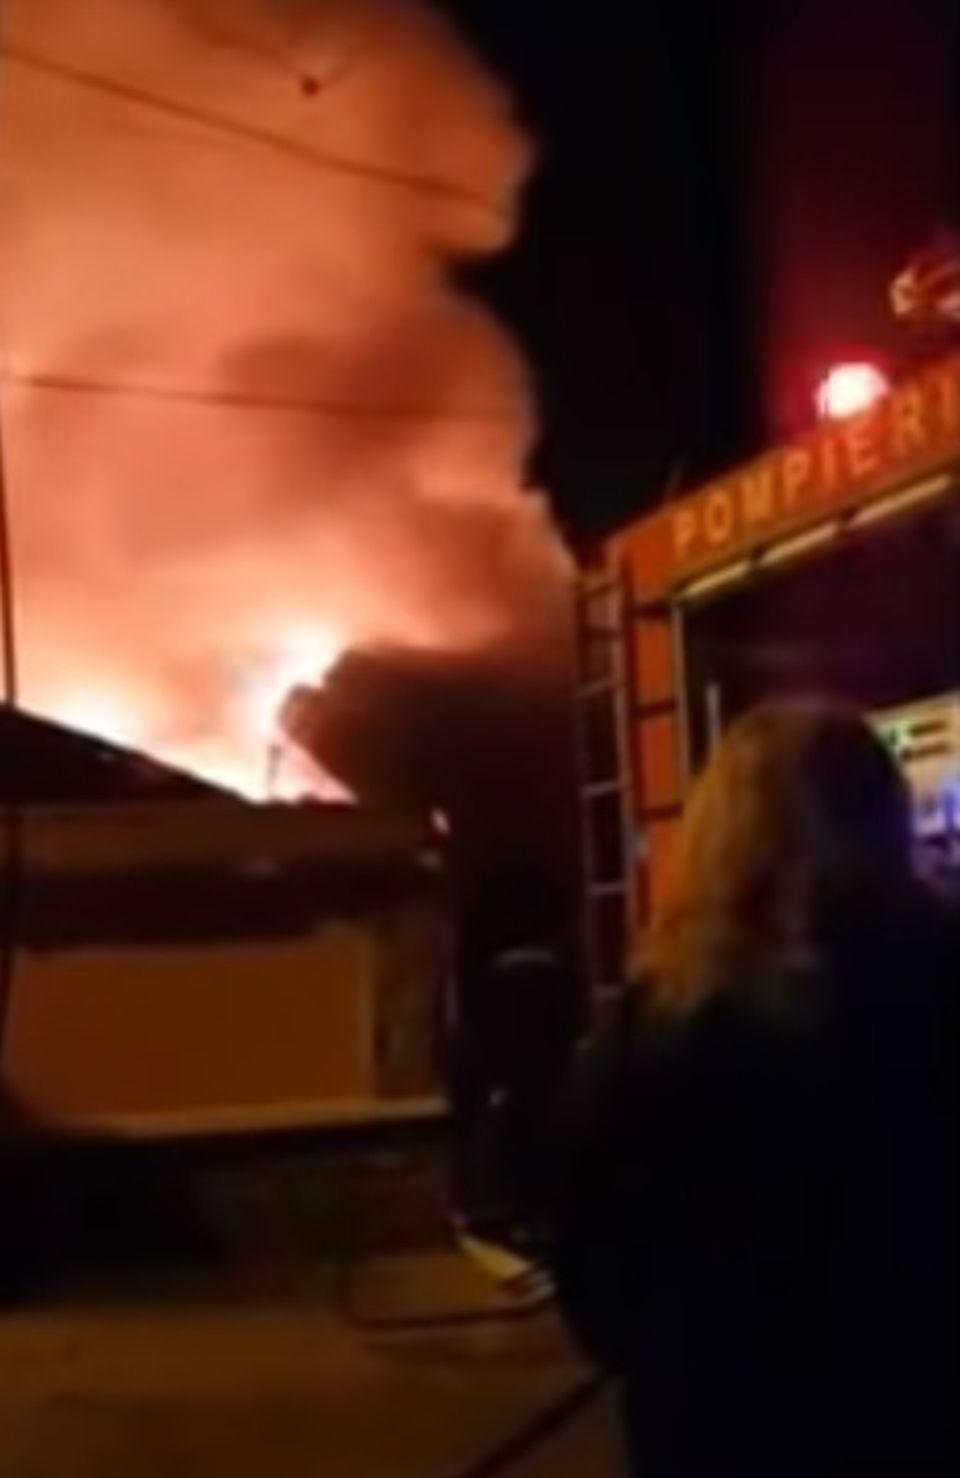 Panică în Bihor! Un incendiu de proporţii a avut loc, iar mai multe persoane au fost evacuate